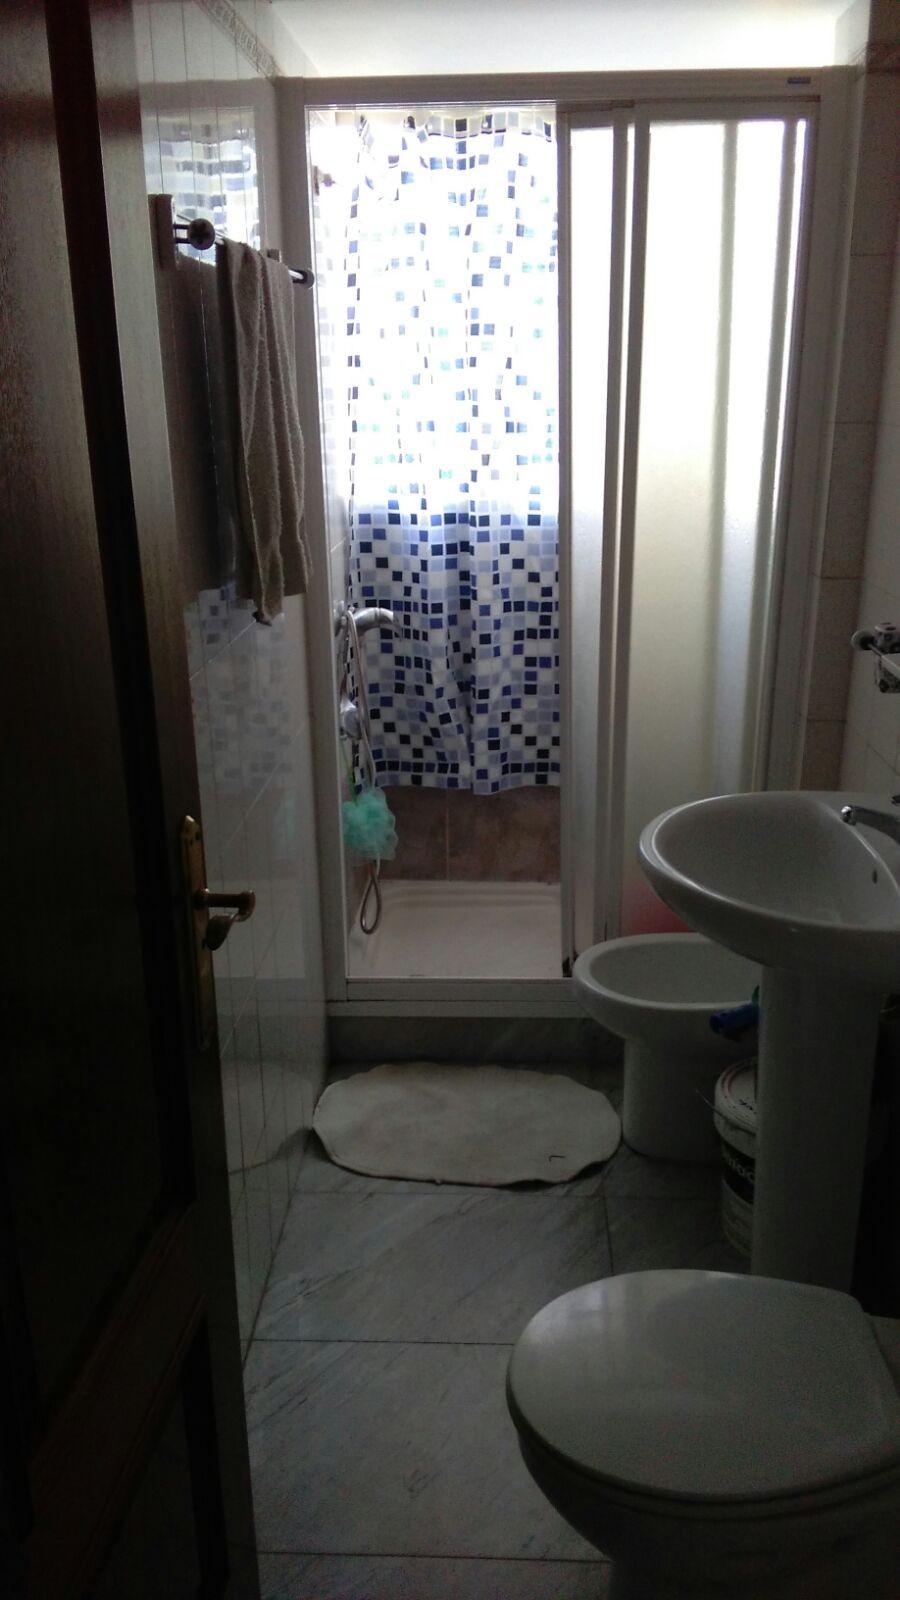 Busco rommies para rentar piso en sevilla desde septiembre for Busco pieza para alquilar